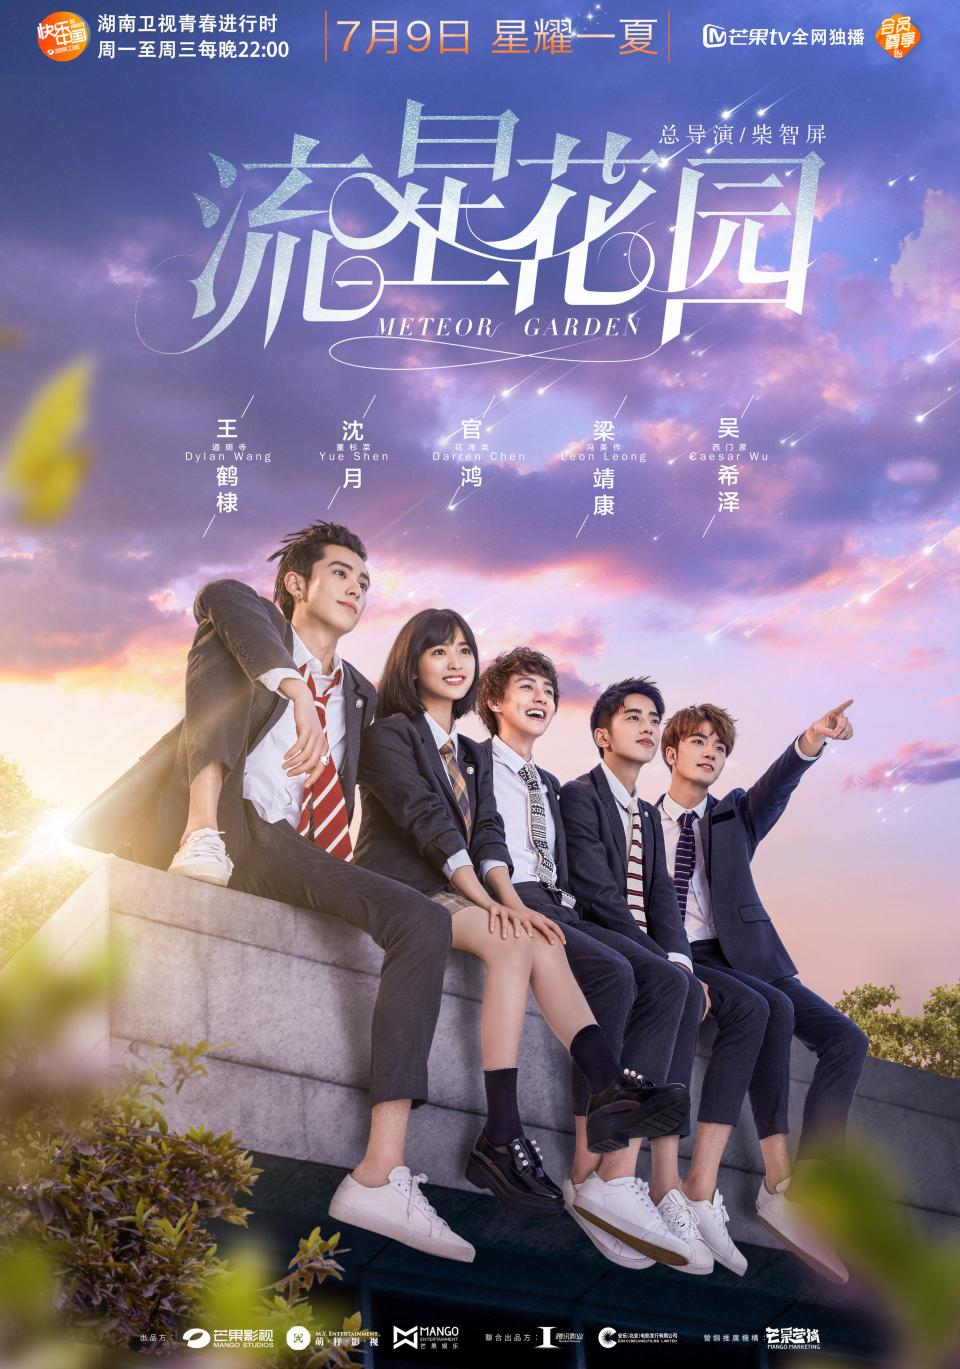 điện ảnh châu Á 4